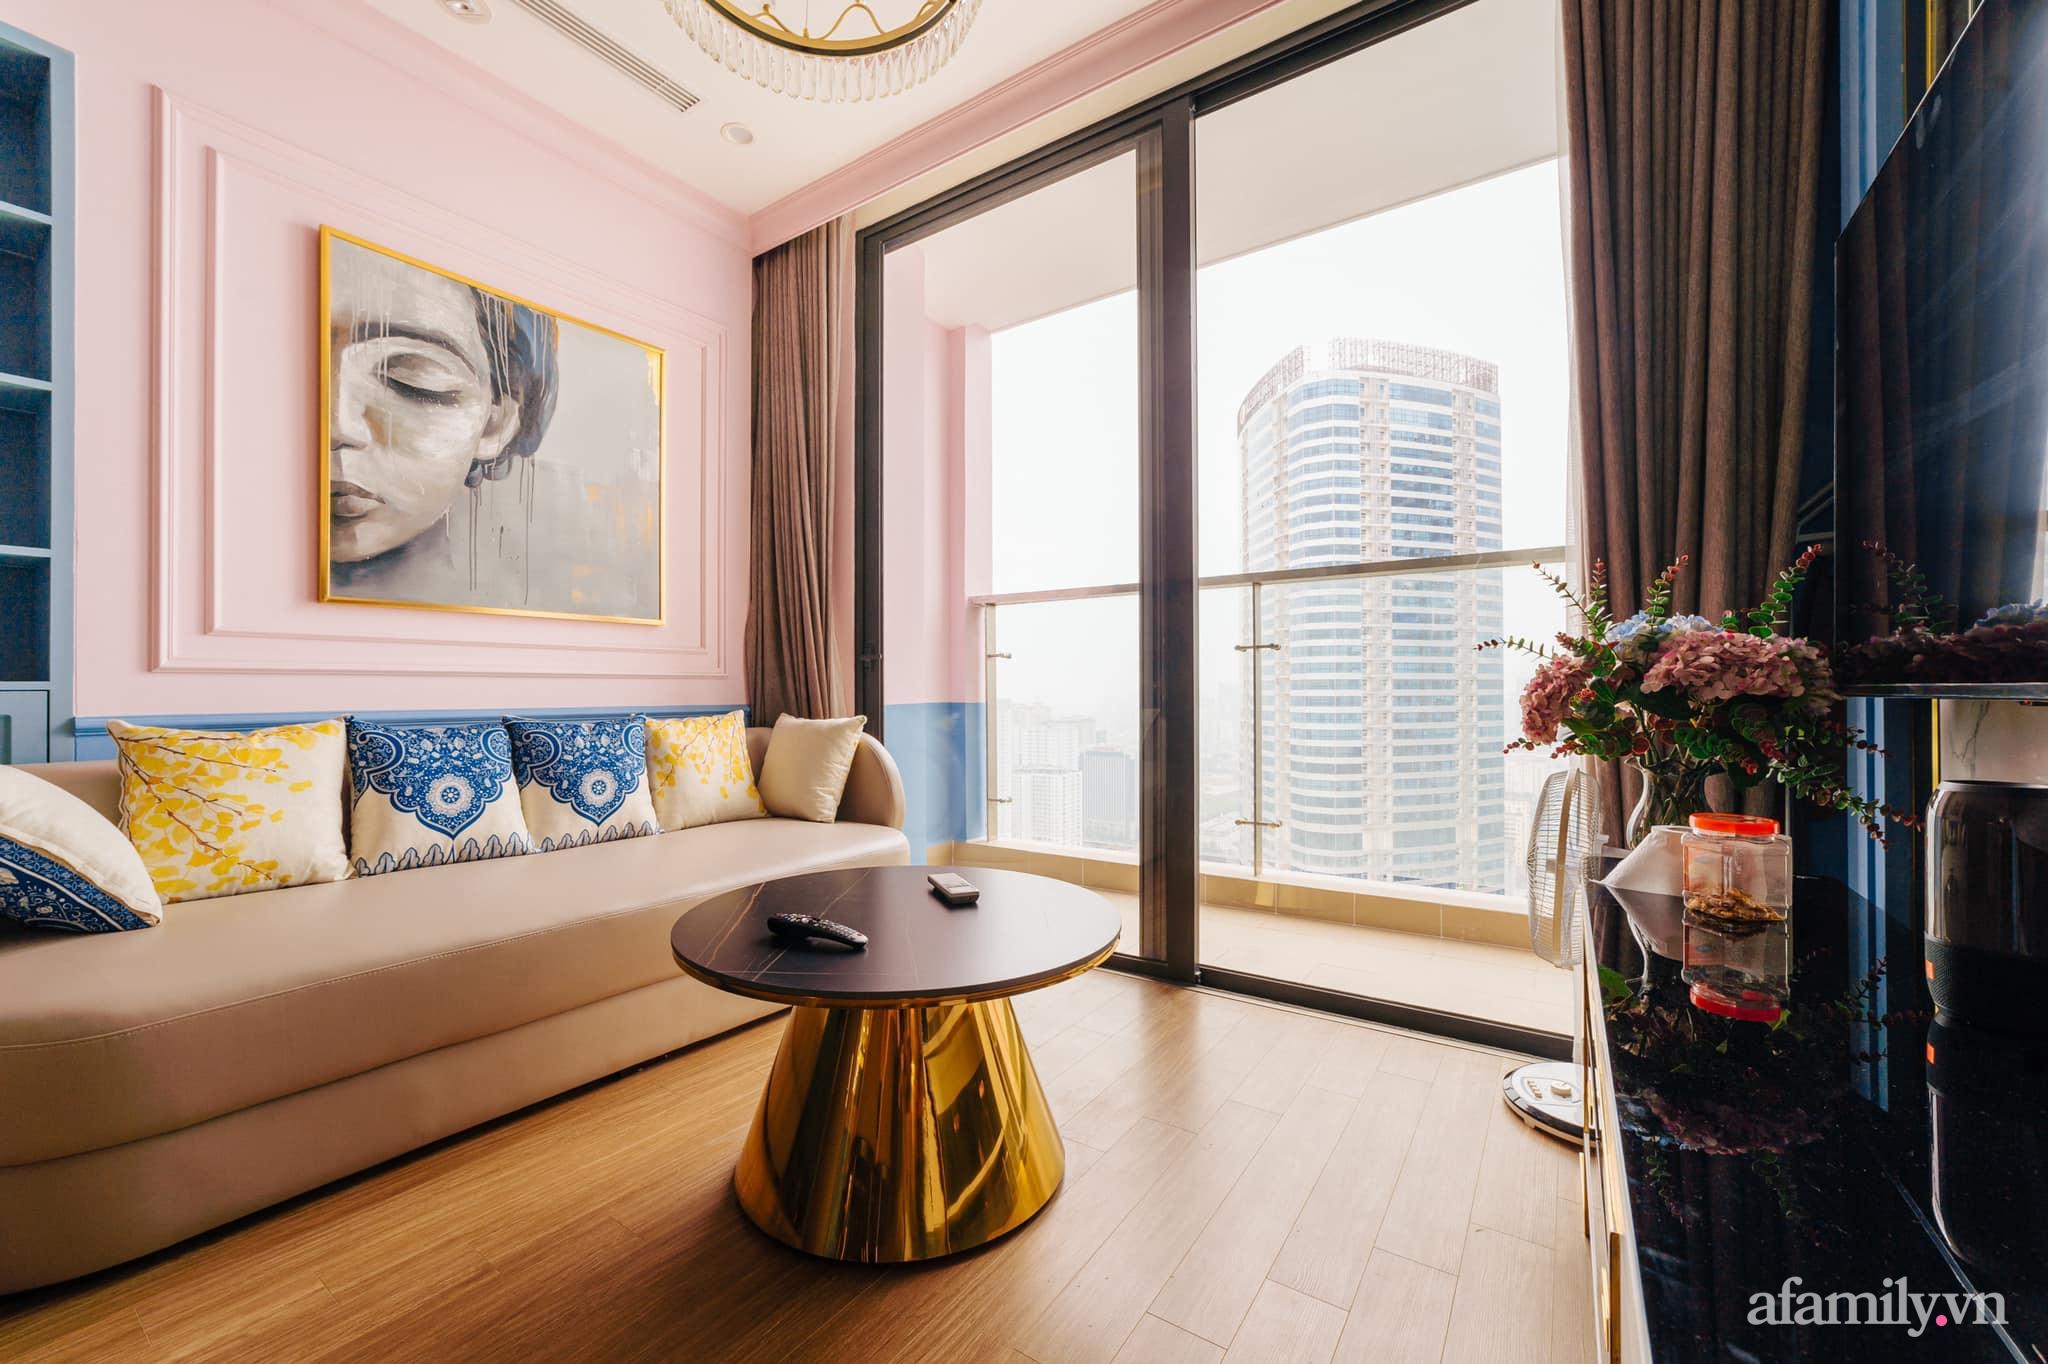 Căn hộ 45m² đẹp không góc chết với điểm nhấn màu xanh hồng cực chất có chi phí hoàn thiện 200 triệu đồng ở Hà Nội - Ảnh 2.